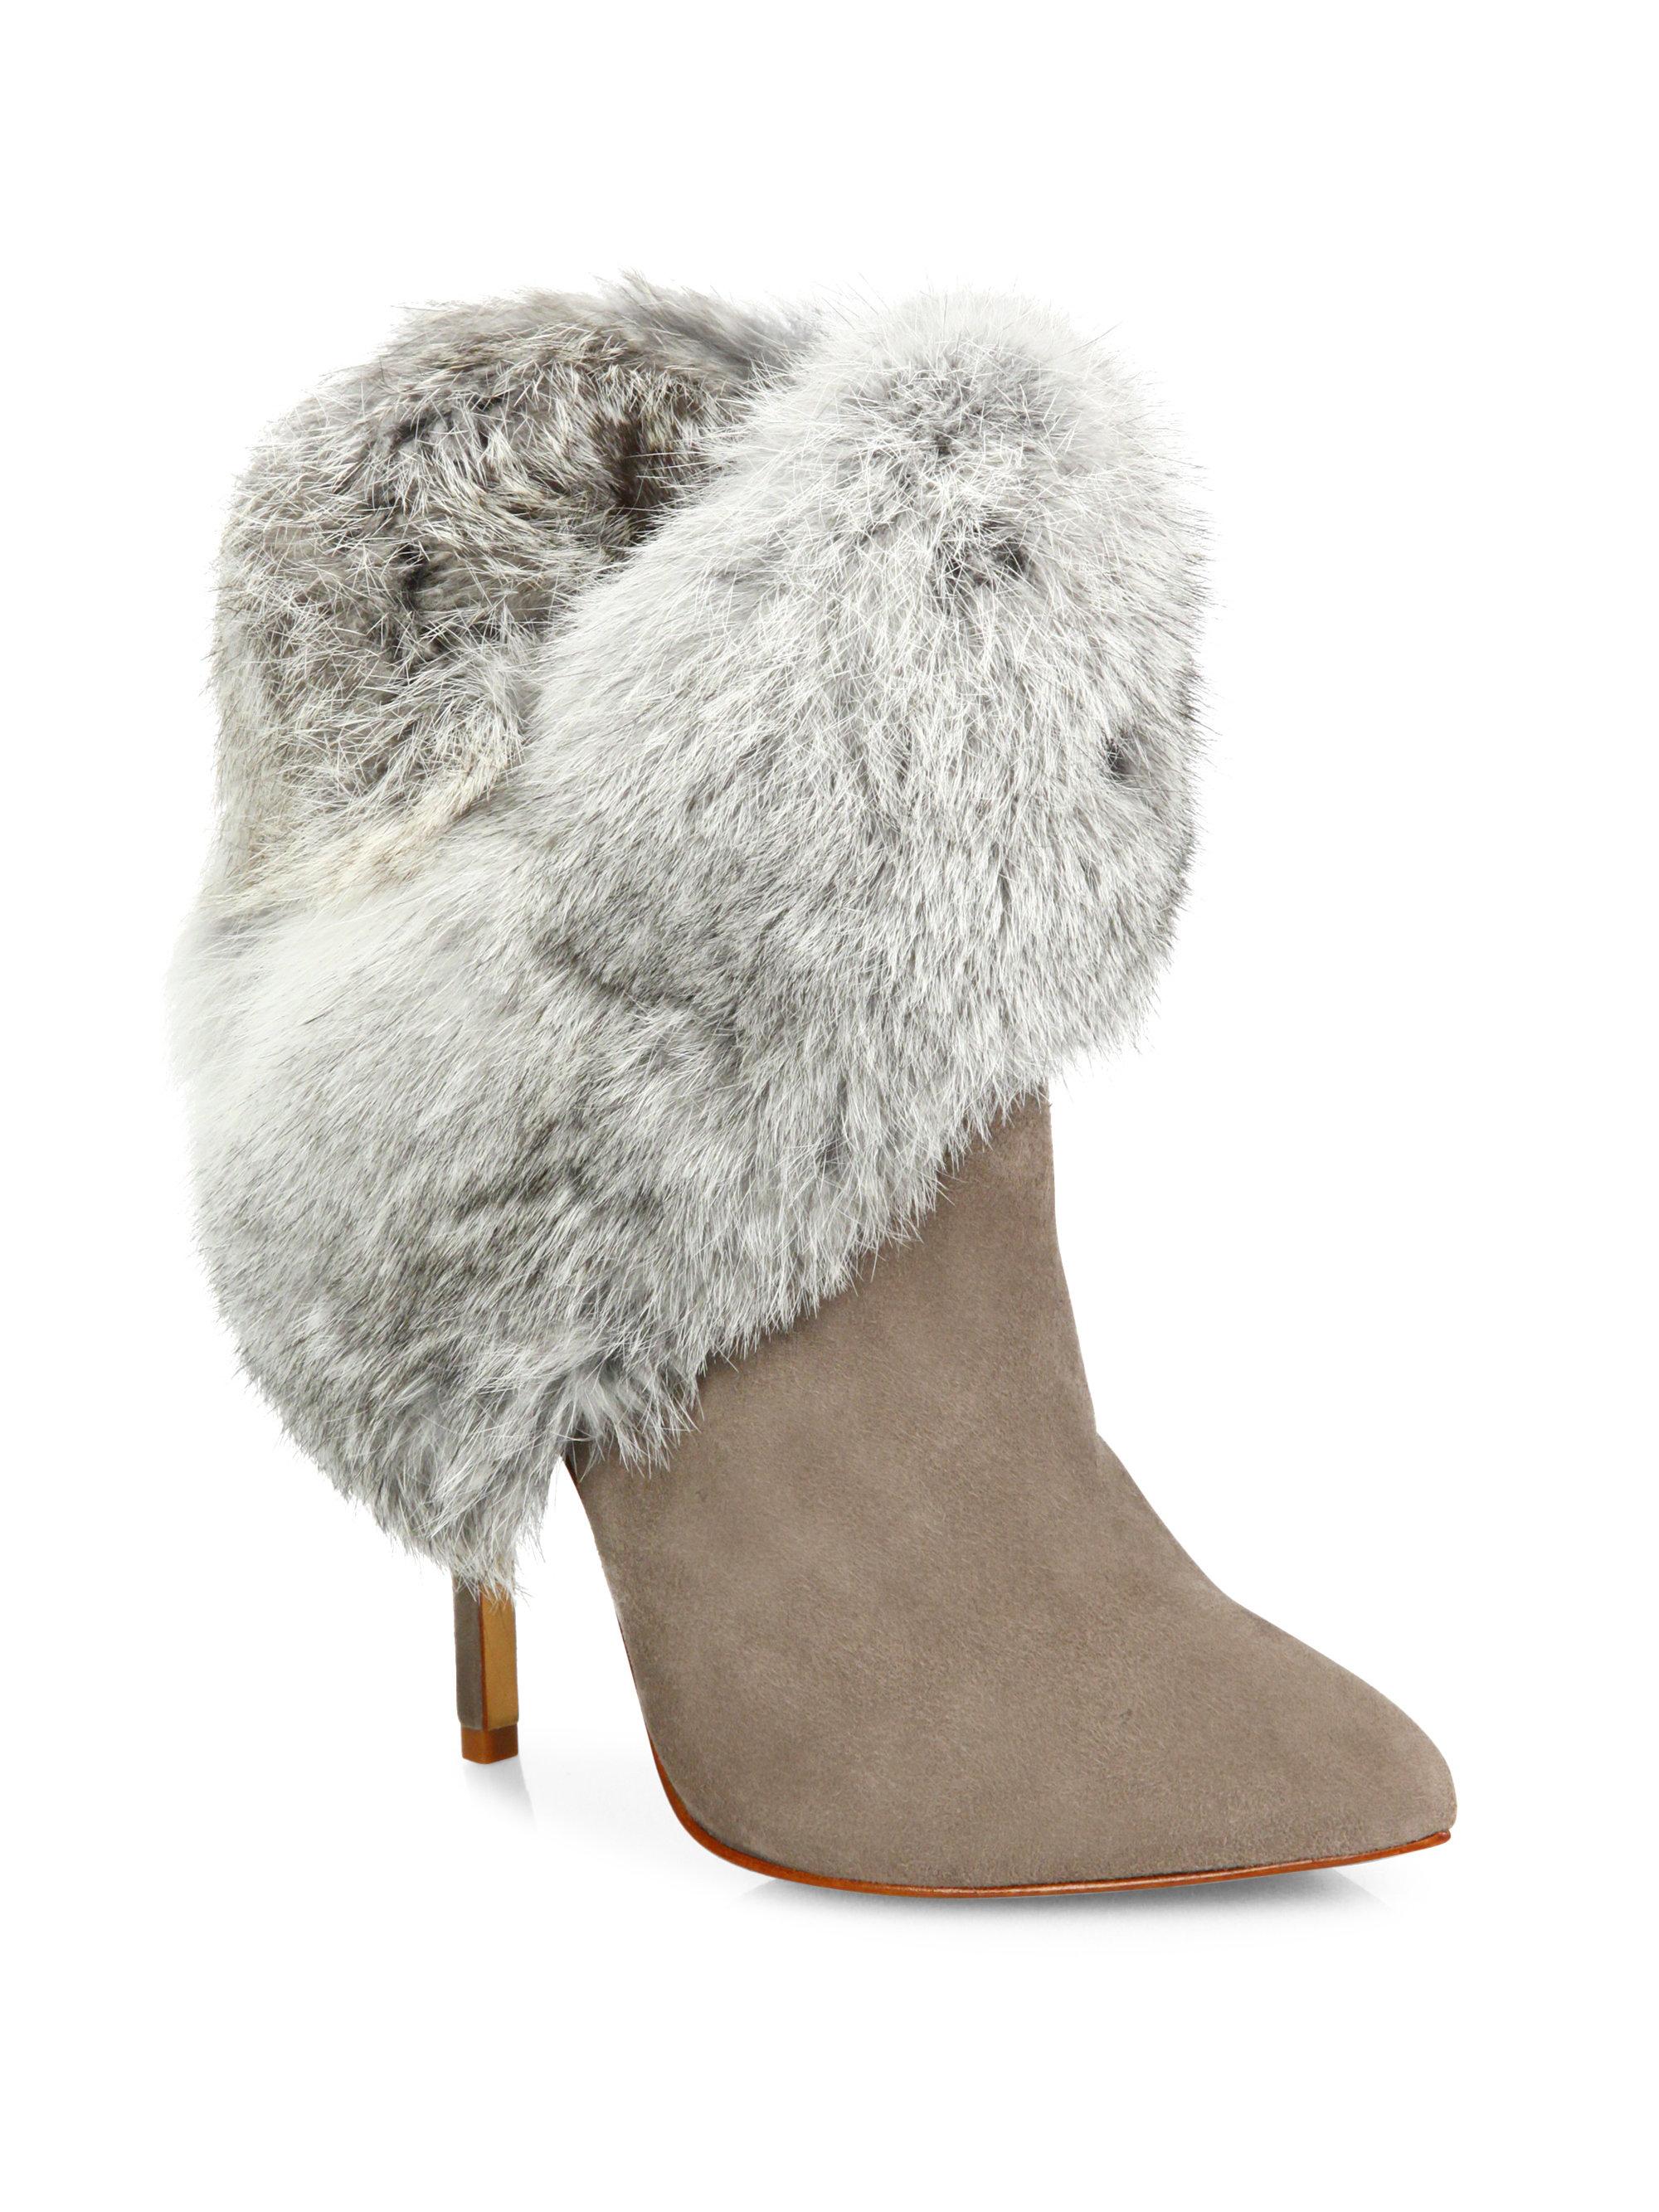 Schutz Henriette Suede & Rabbit Fur Booties  Lyst